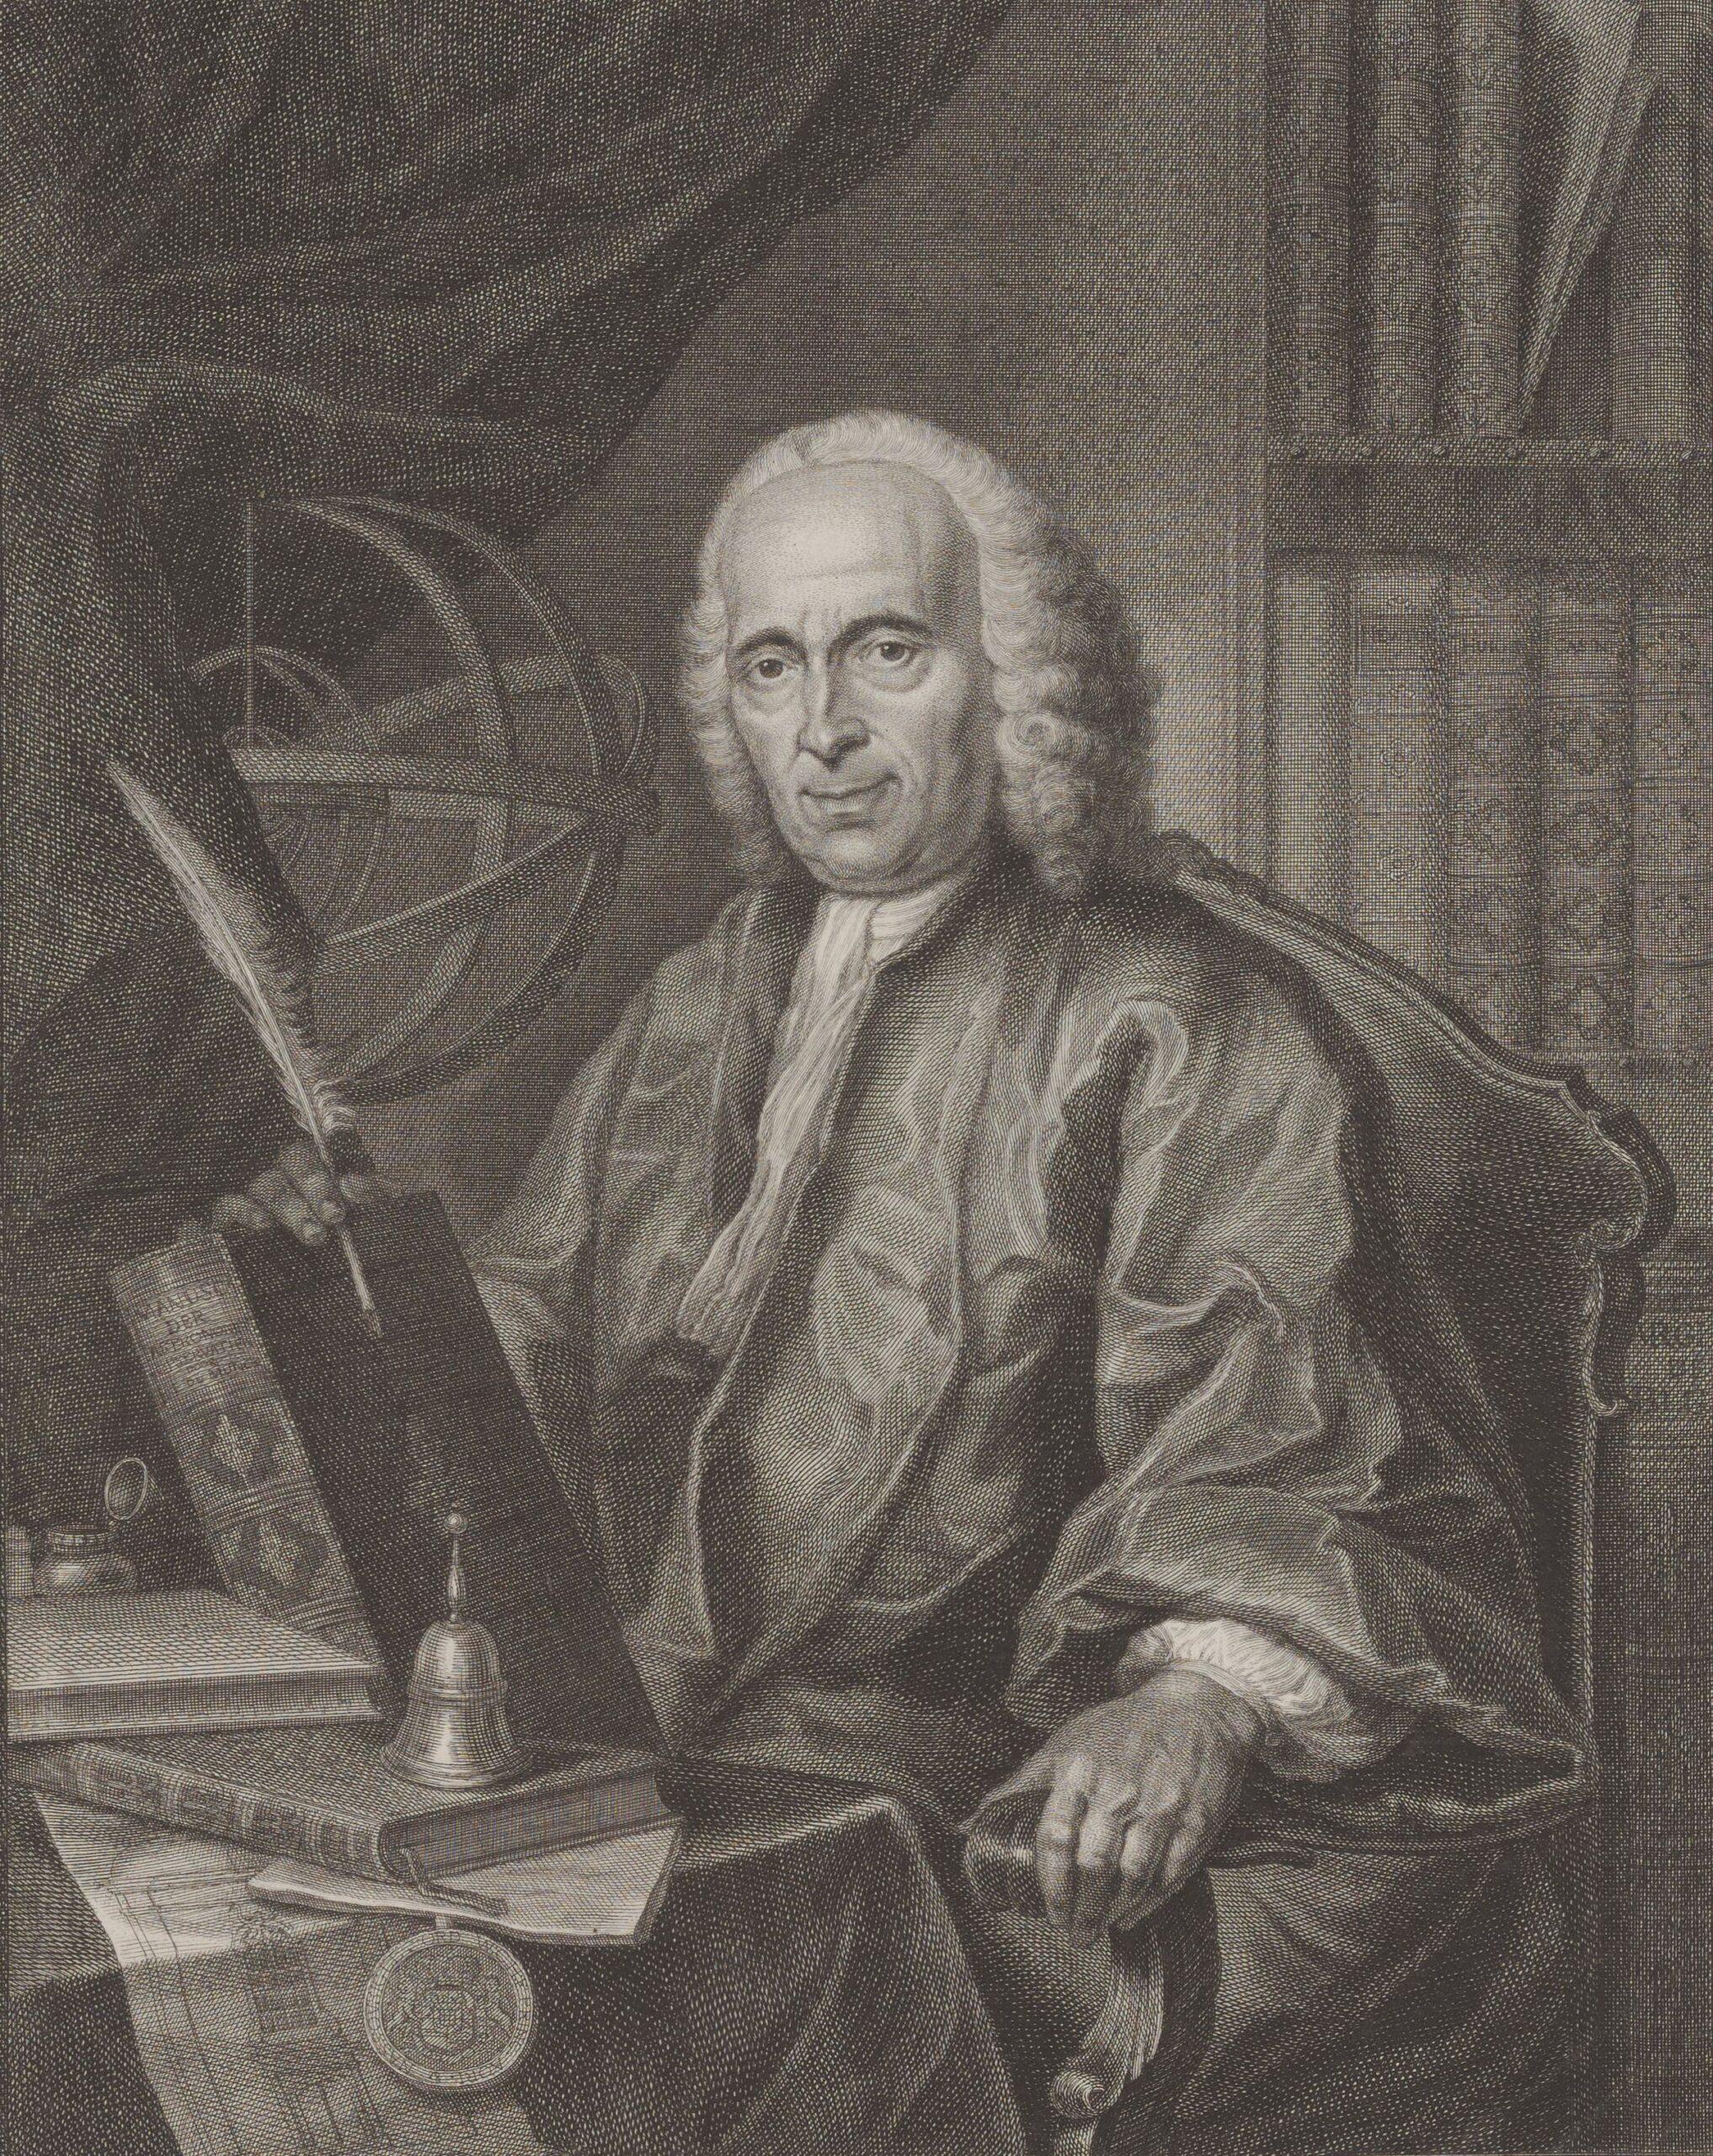 Portret van Jan de Munck, kopergravure uit 1760 (Zeeuws Archief, KZGW, Zelandia Illustrata).